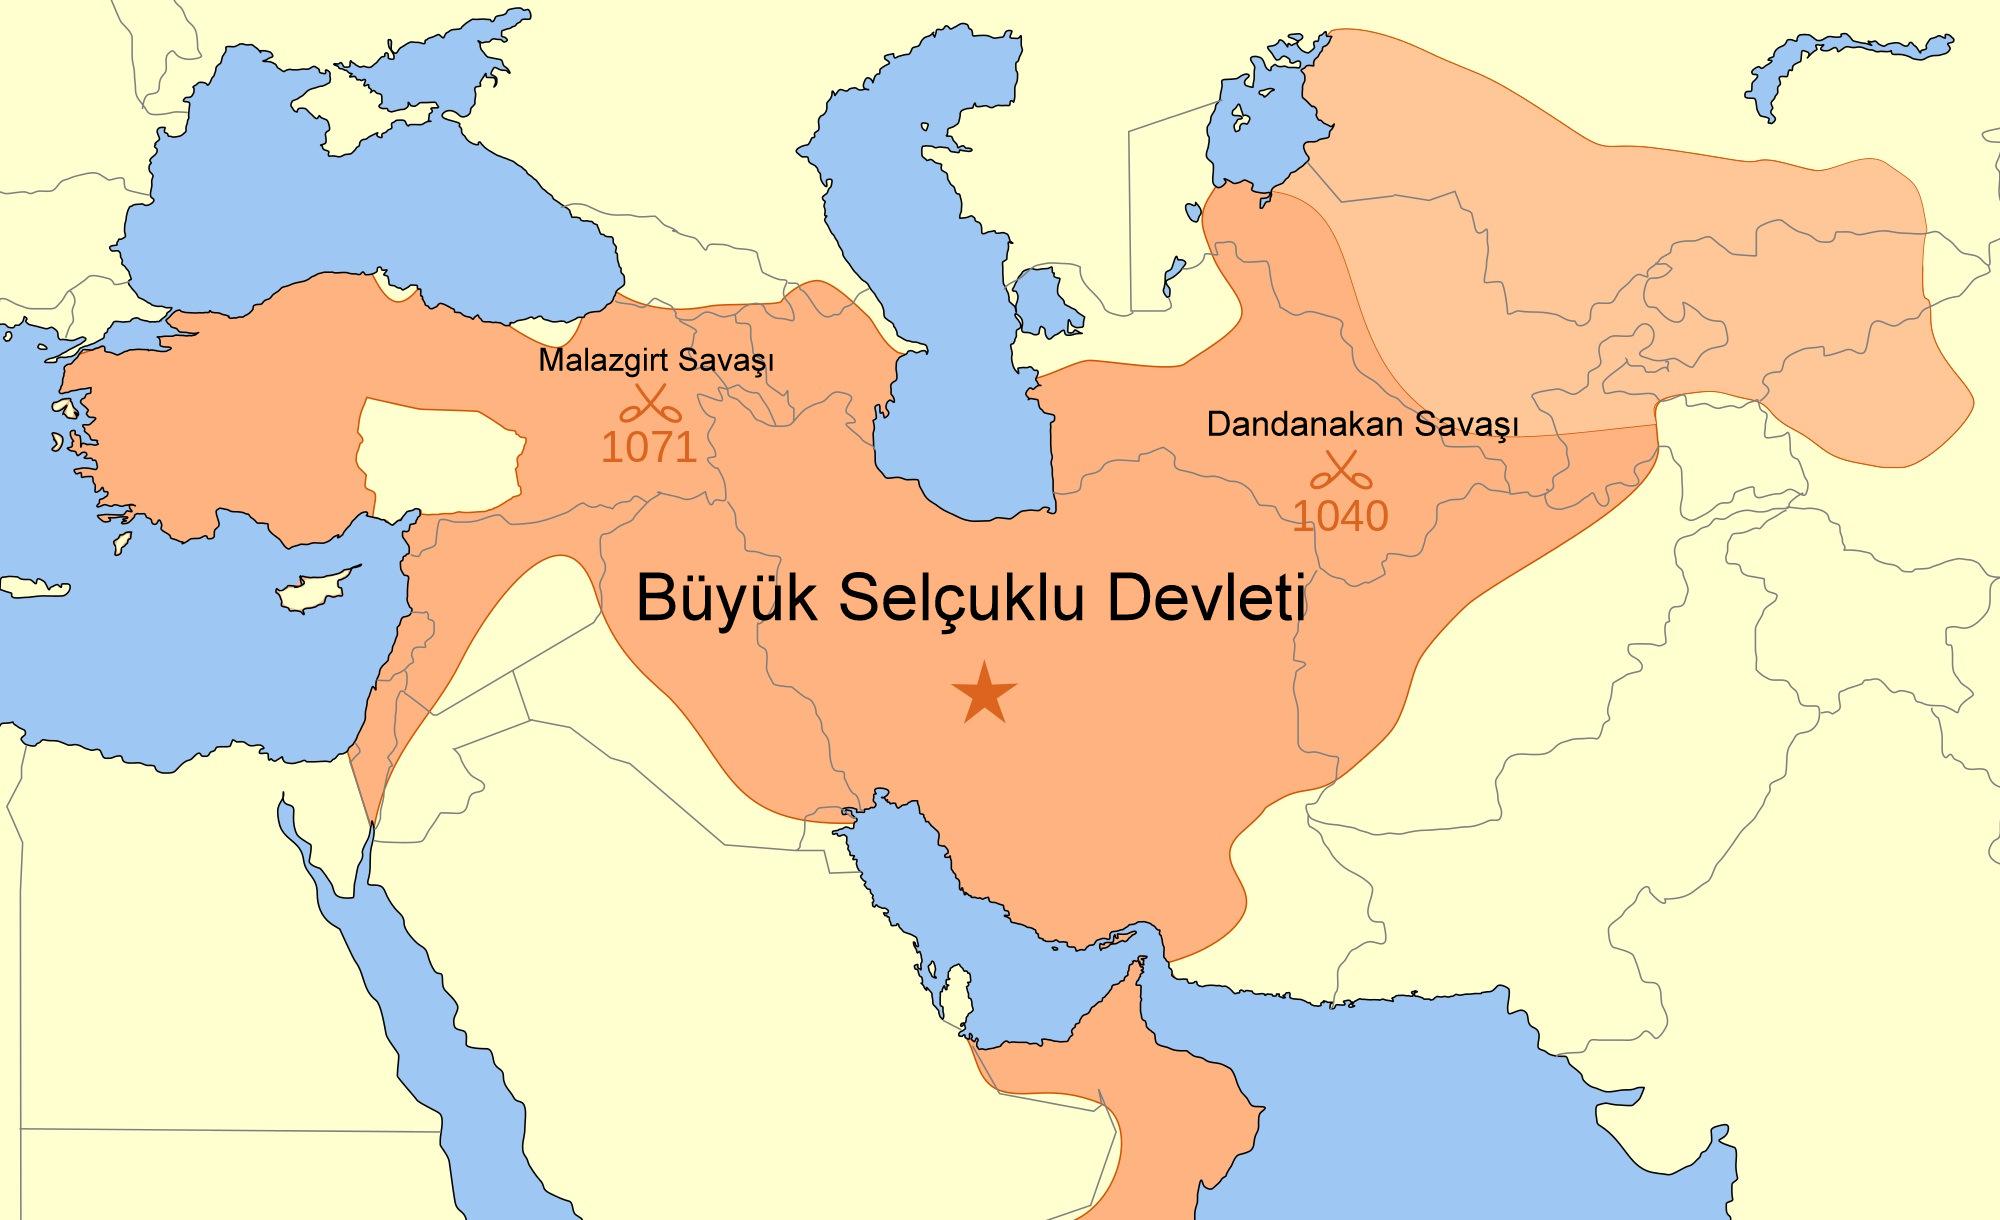 BÜYÜK SELÇUKLU DEVLETİ (1038-1157)